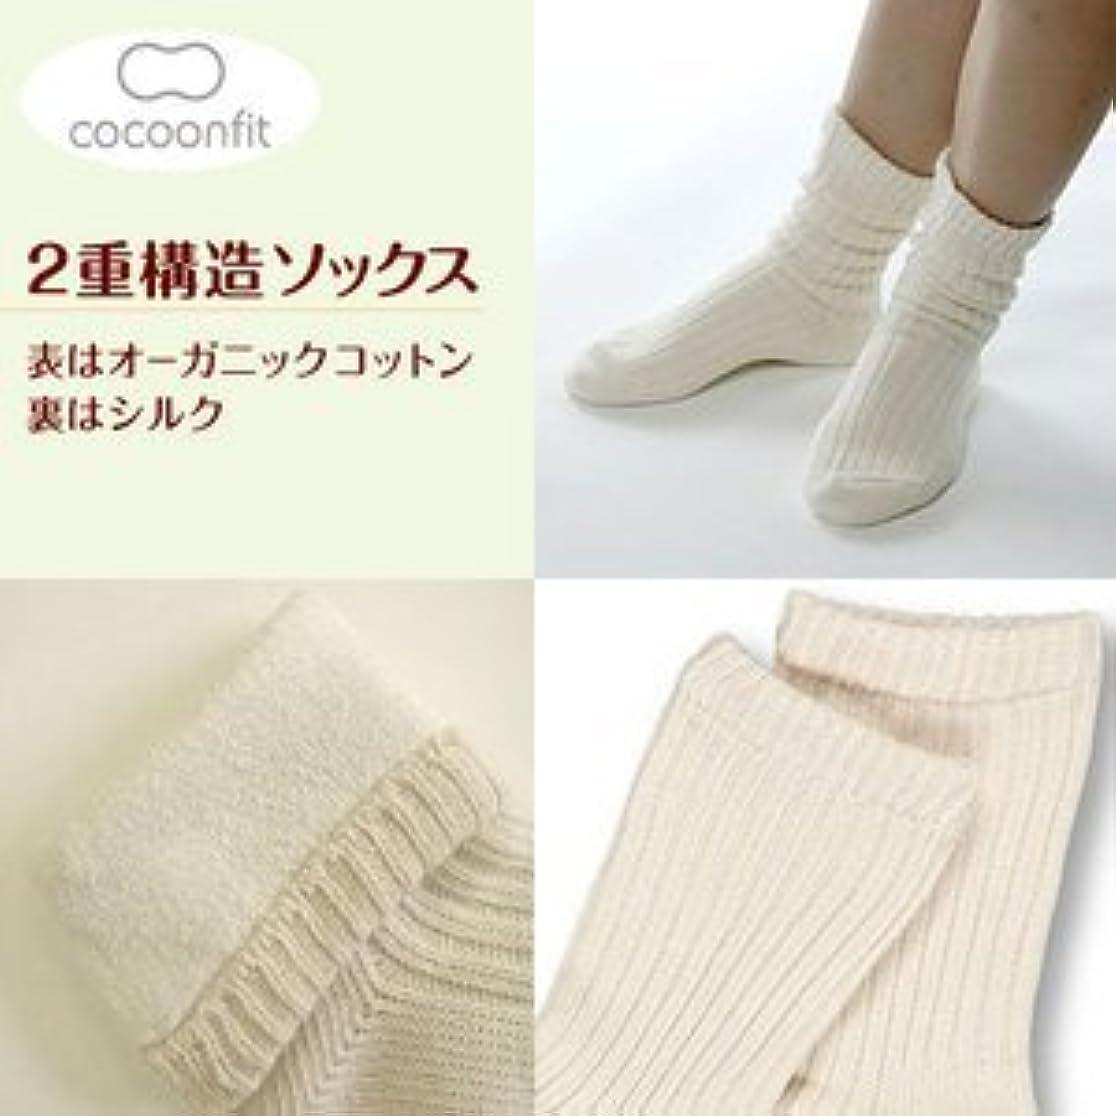 最も遠いホームレスガラガラシルク 2重編みソックス (冷え取り靴下、冷えとり 靴下 シルク、重ね、二重)